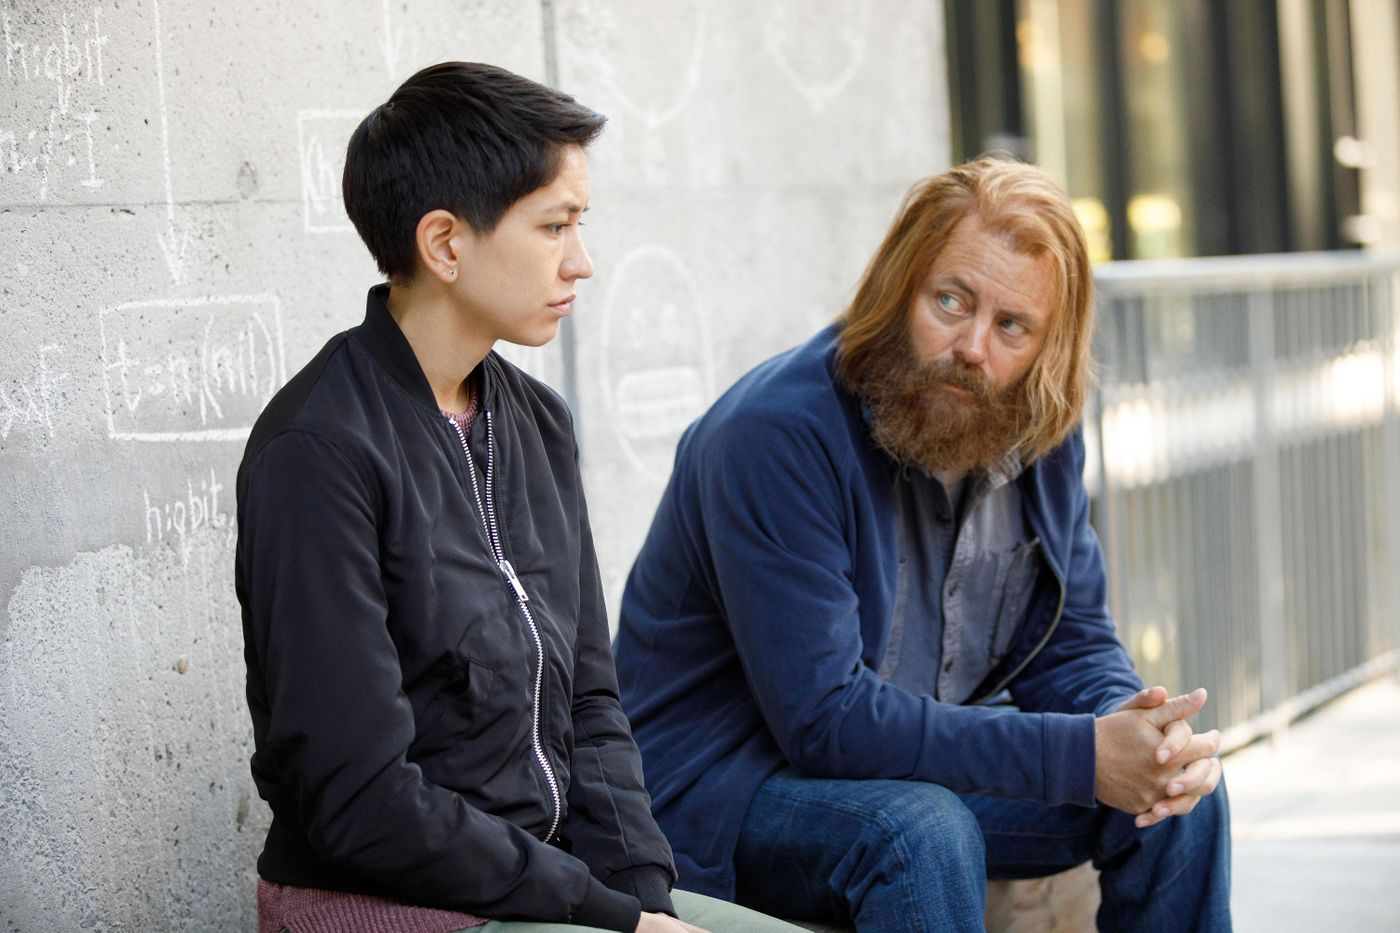 在《开发者》的一个场景里,主角Lily Chan与Forest聊天。 (来源:FX)